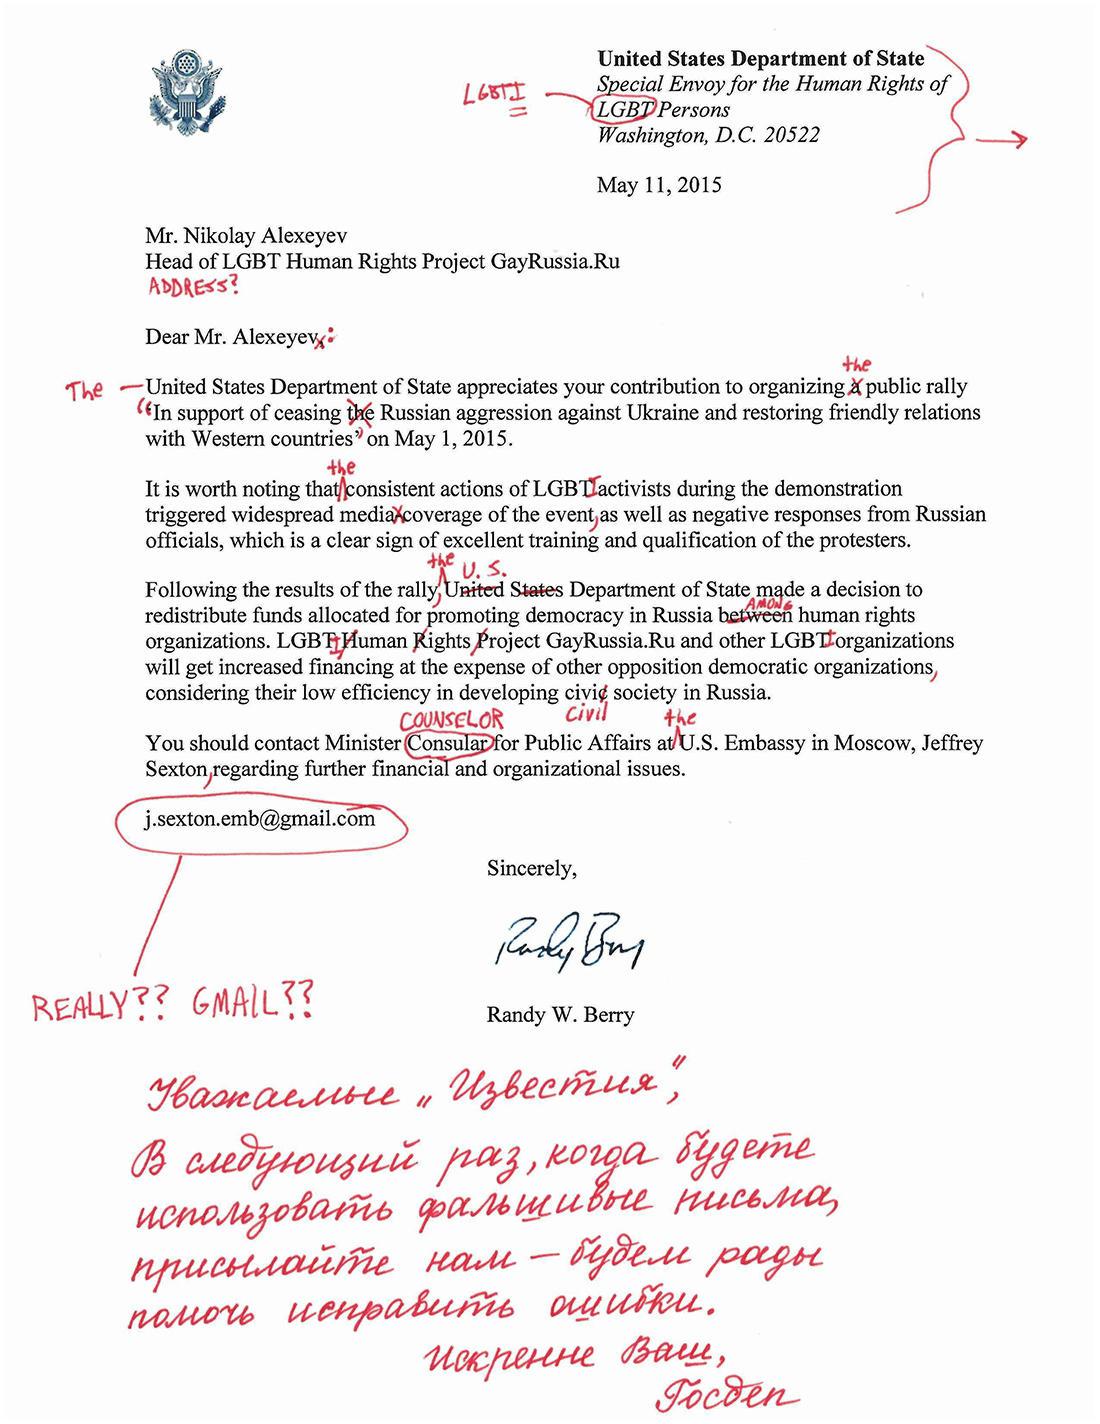 Госдеп нашел 22 ошибки в источнике «Известий» о гей-провокациях против Володина и Грефа.